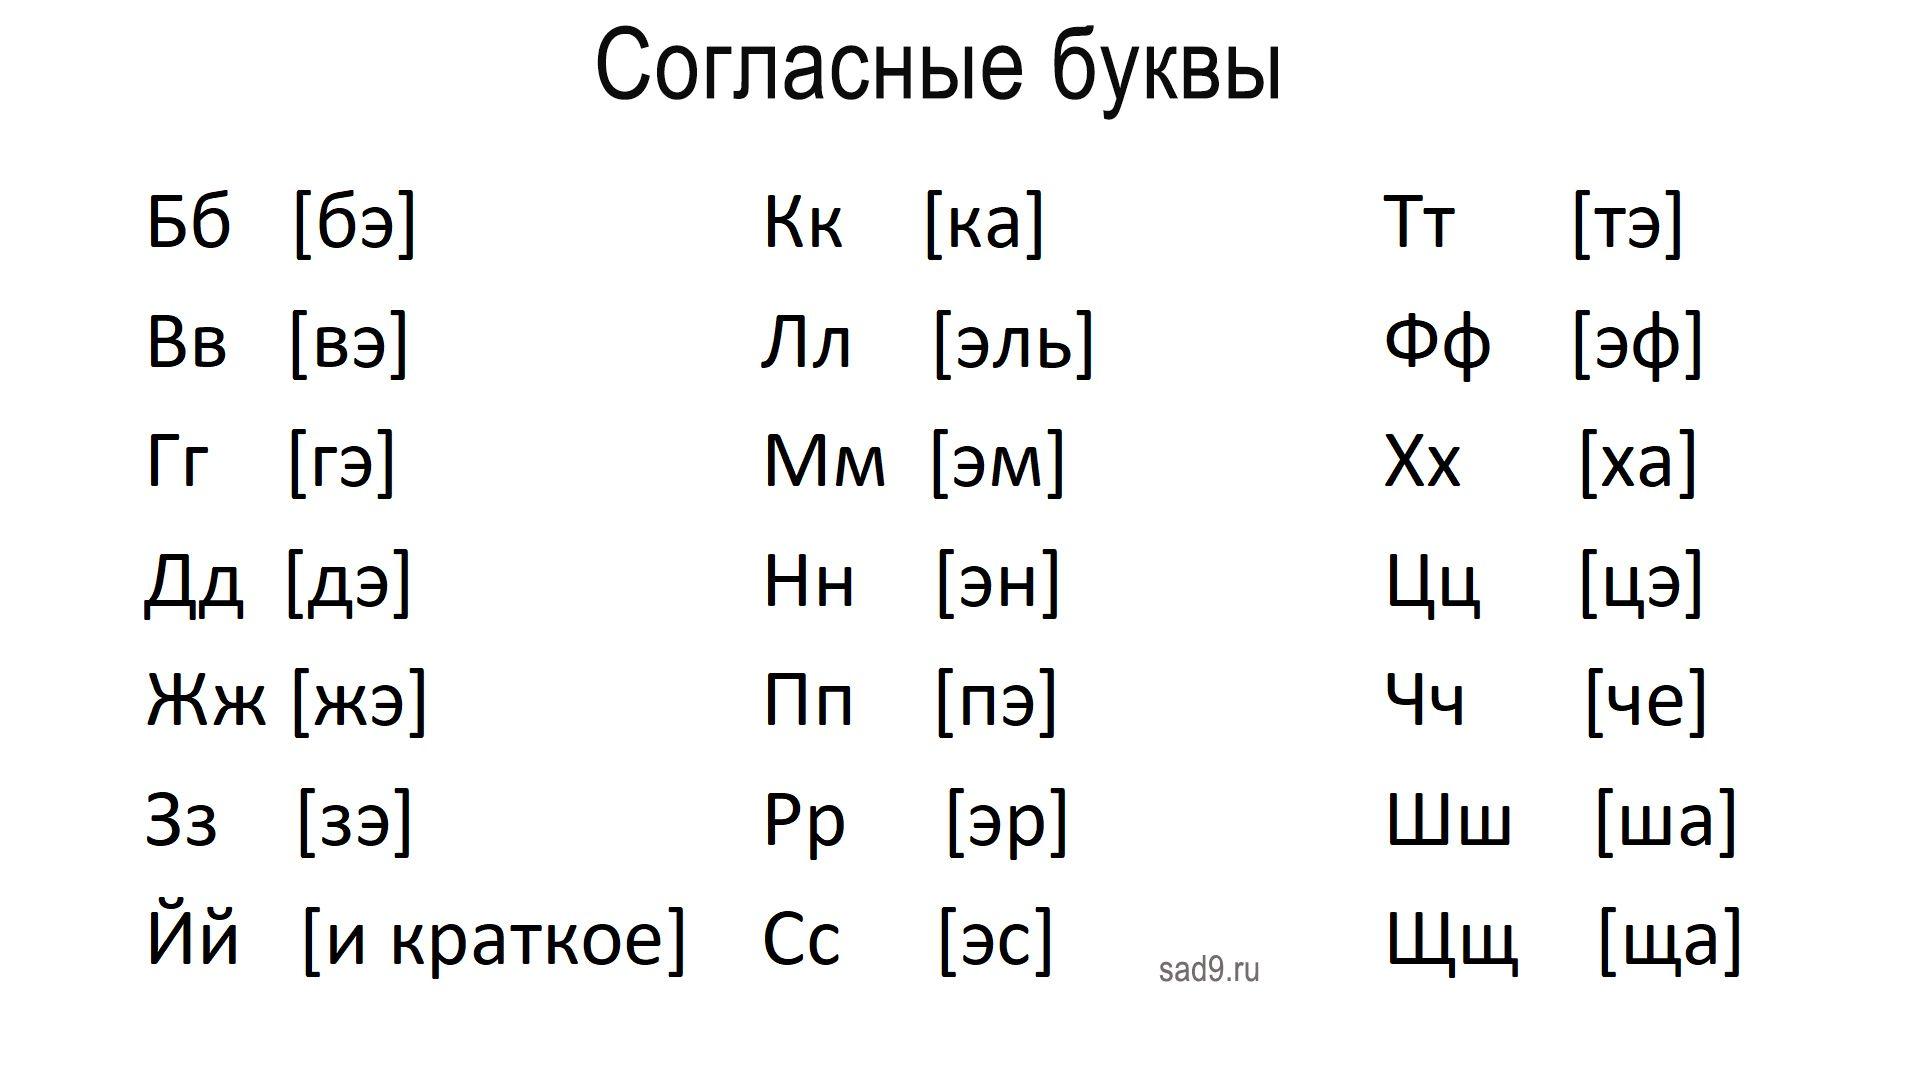 Согласные буквы русского алфавита с транскрипцией